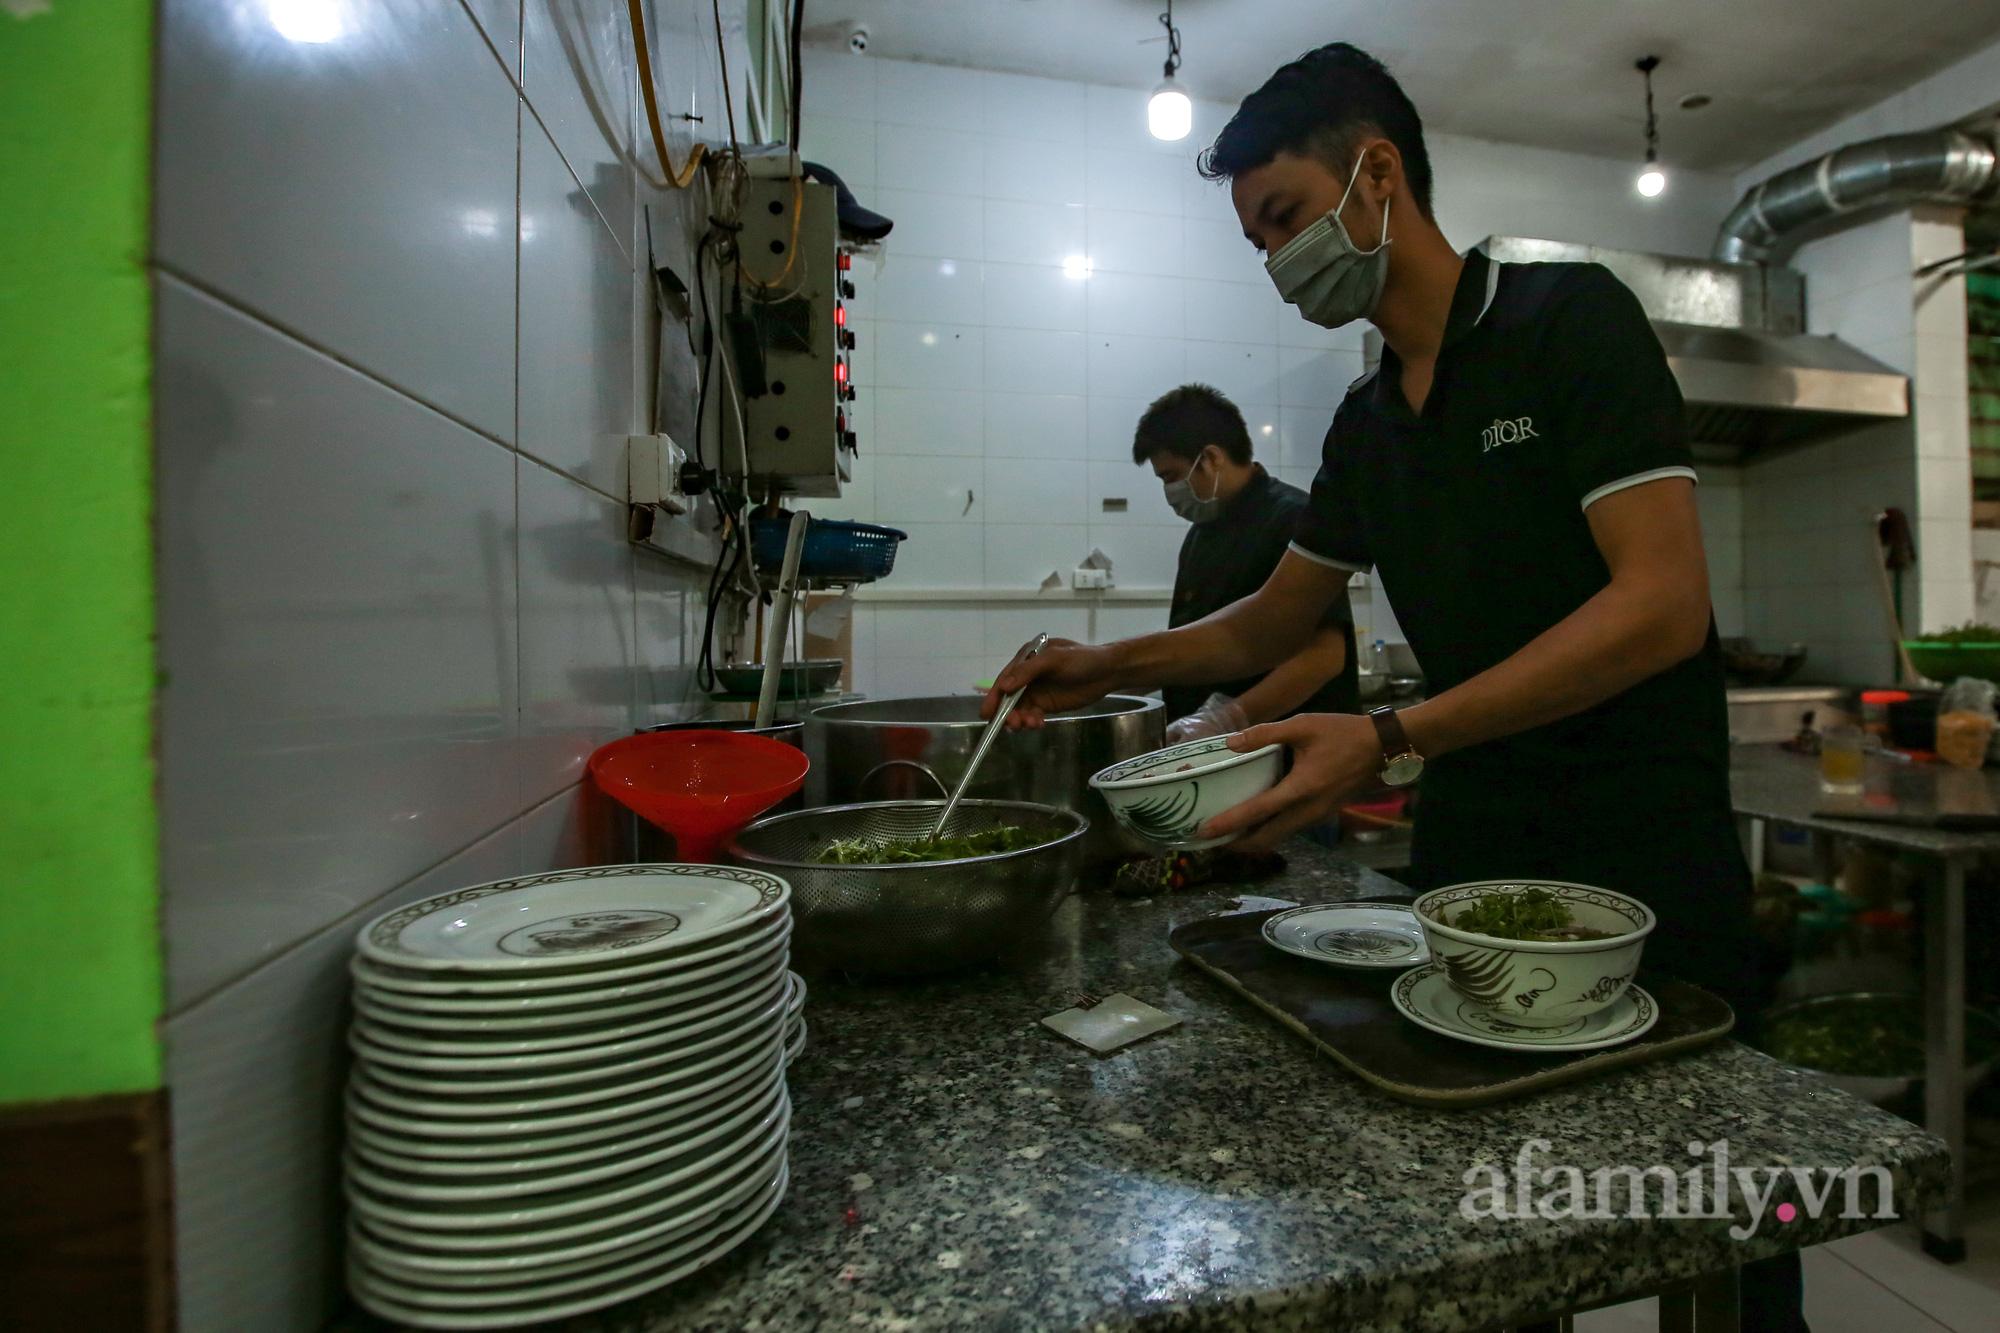 Người Hà Nội hồ hởi dậy sớm đi ăn sáng, cafe khi hàng ăn, uống được mở bán tại chỗ - Ảnh 6.